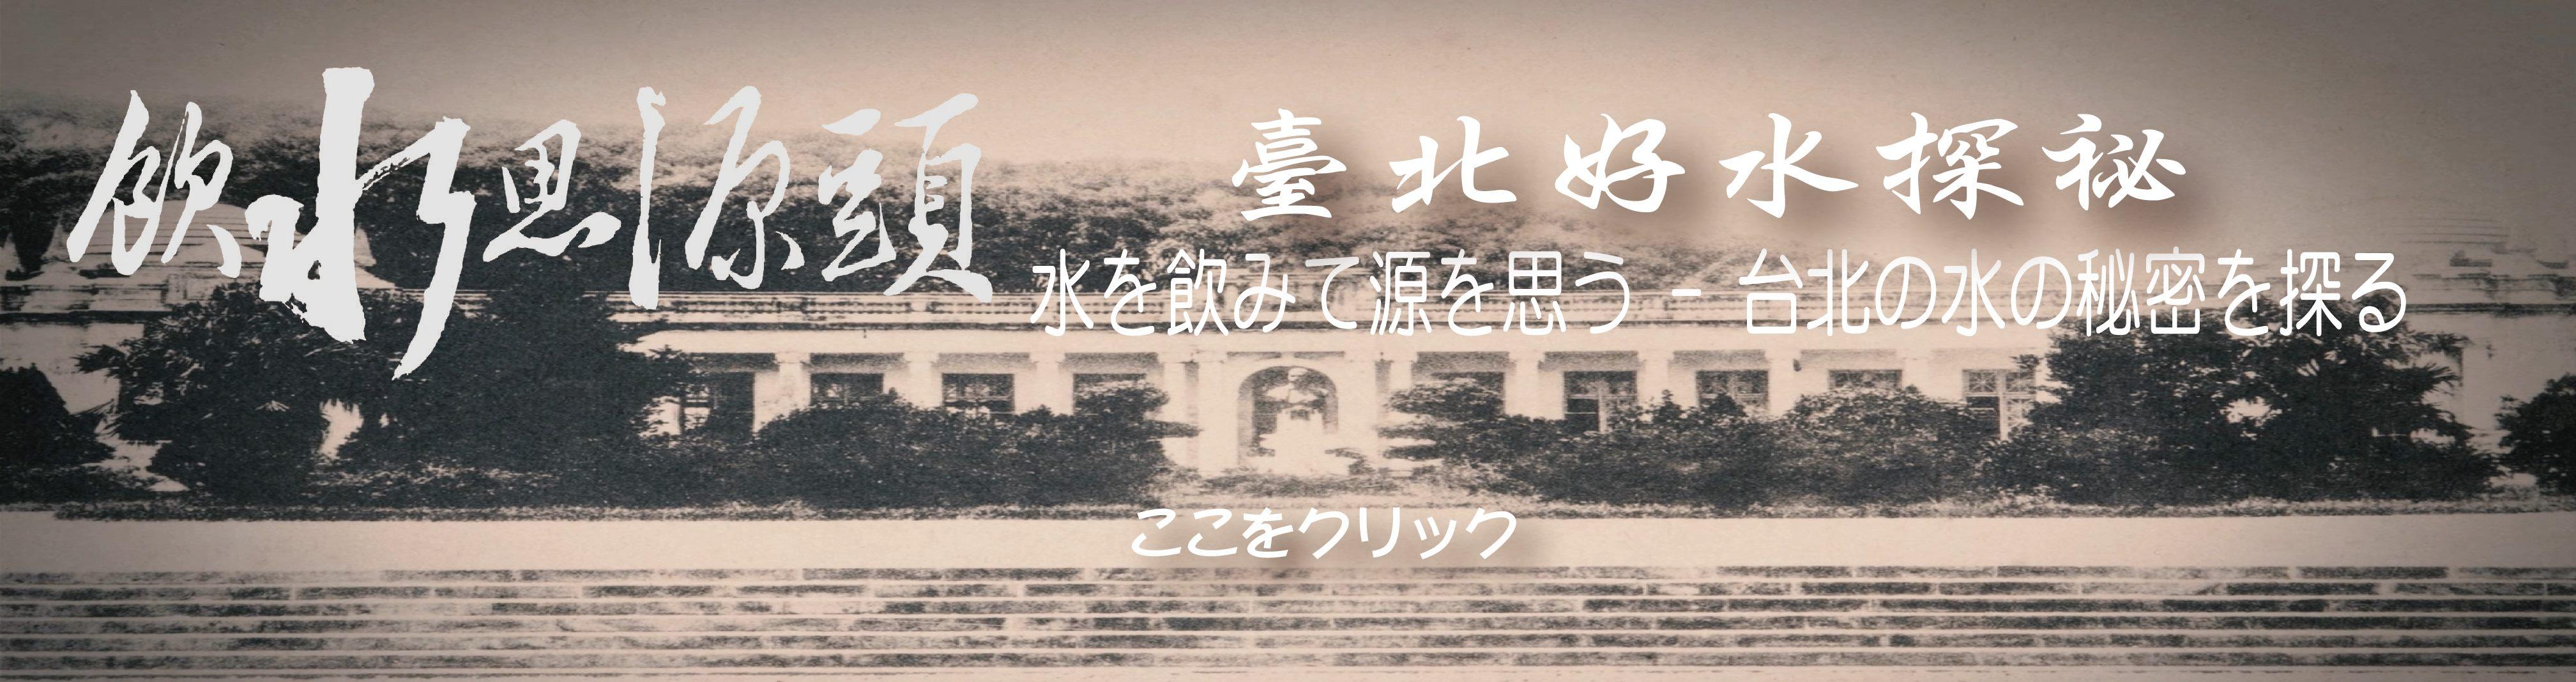 水を飲みて源を思う - 台北の水の秘密を探る飲水思源頭長版(日文語音字幕)